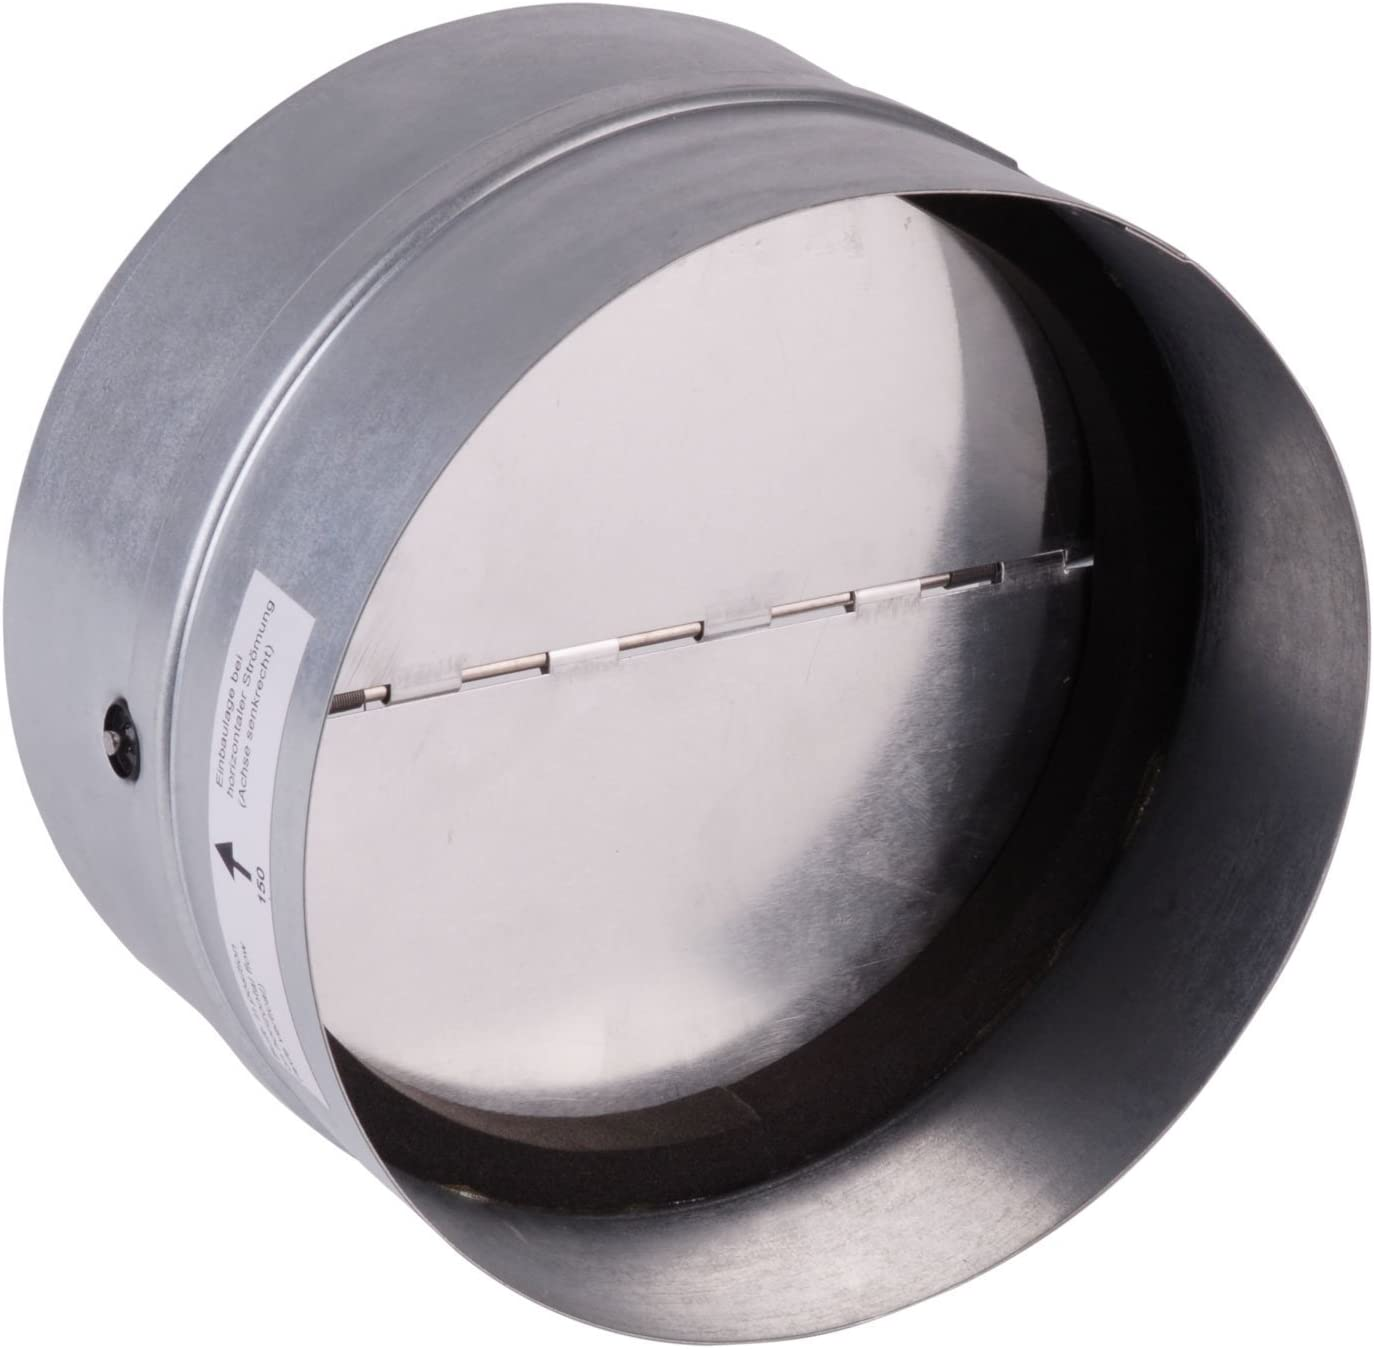 Bielmeier V653348 - Válvula antirretorno, redonda (150 mm de diámetro) para System 150, color blanco cromado: Amazon.es: Bricolaje y herramientas